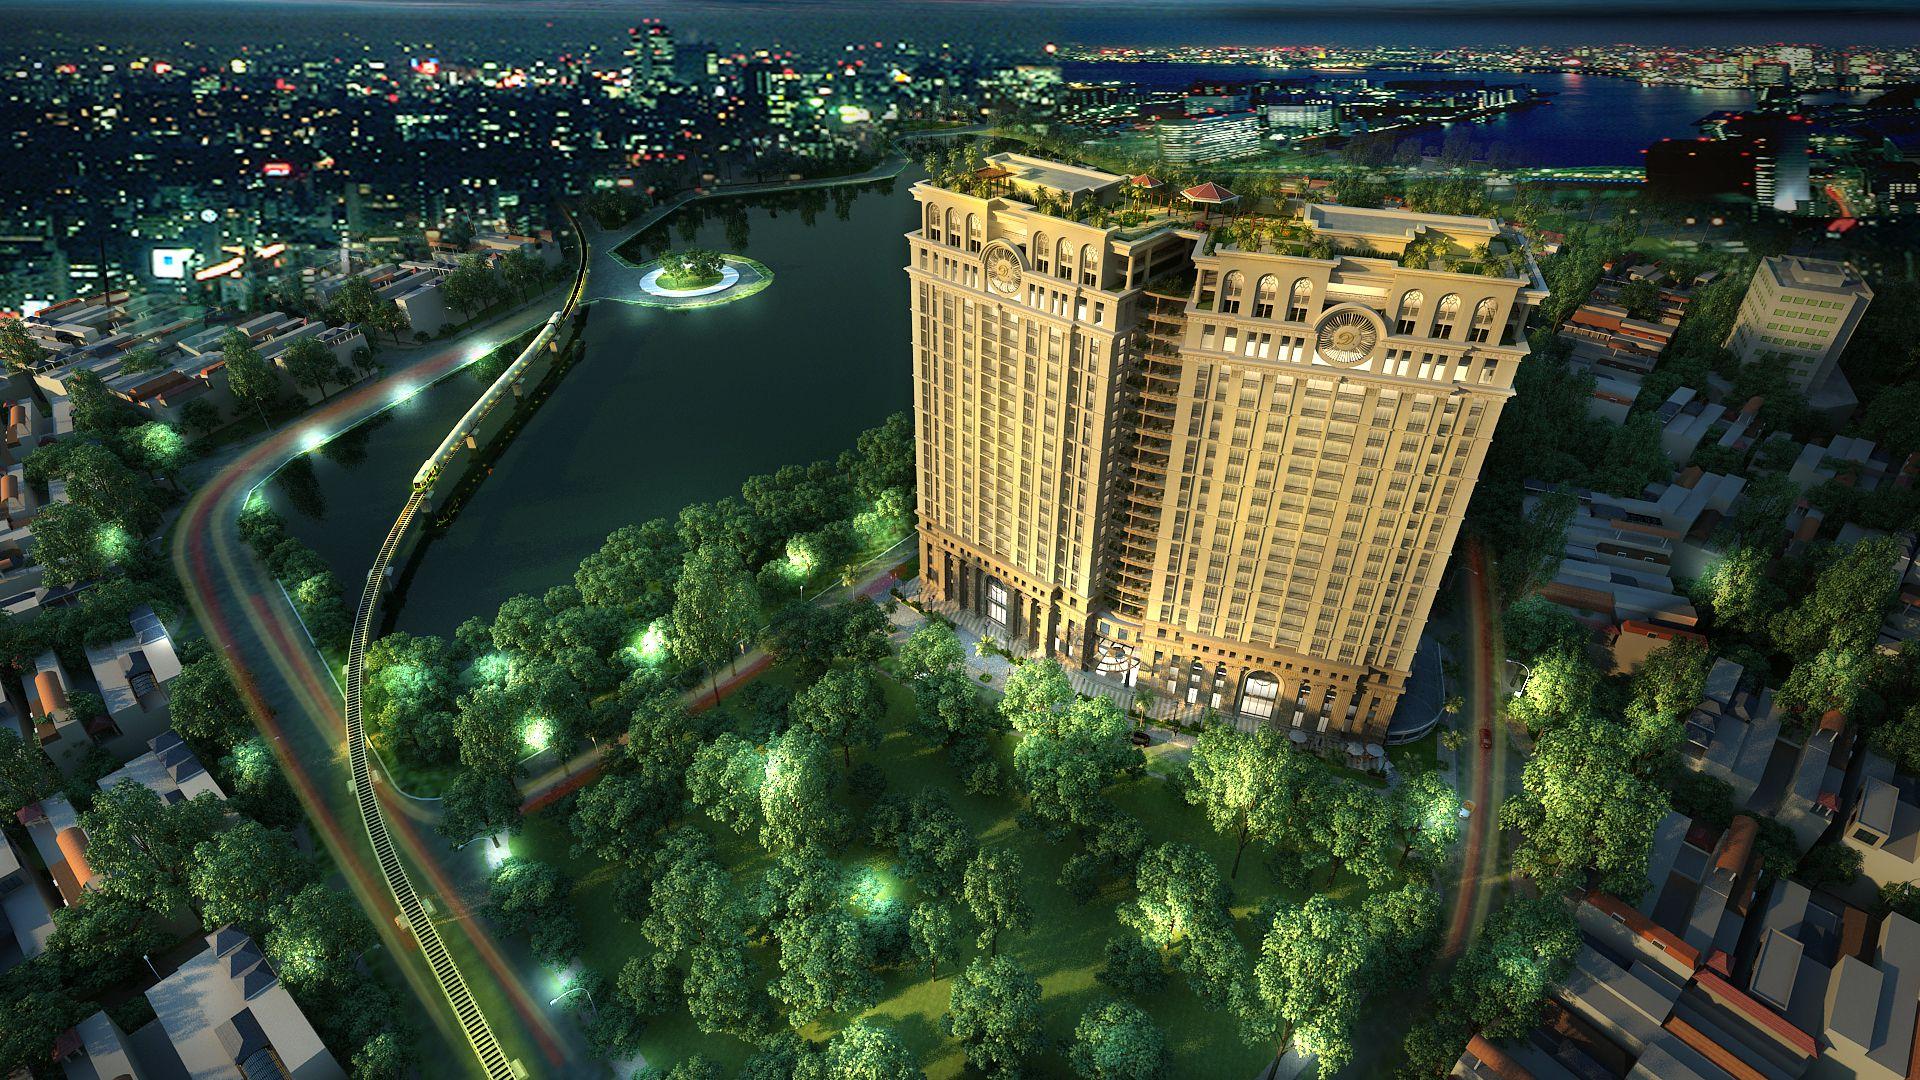 Hành trình 8 năm xây dựng vật liệu xanh và khát vọng của doanh nghiệp Việt - Ảnh 3.